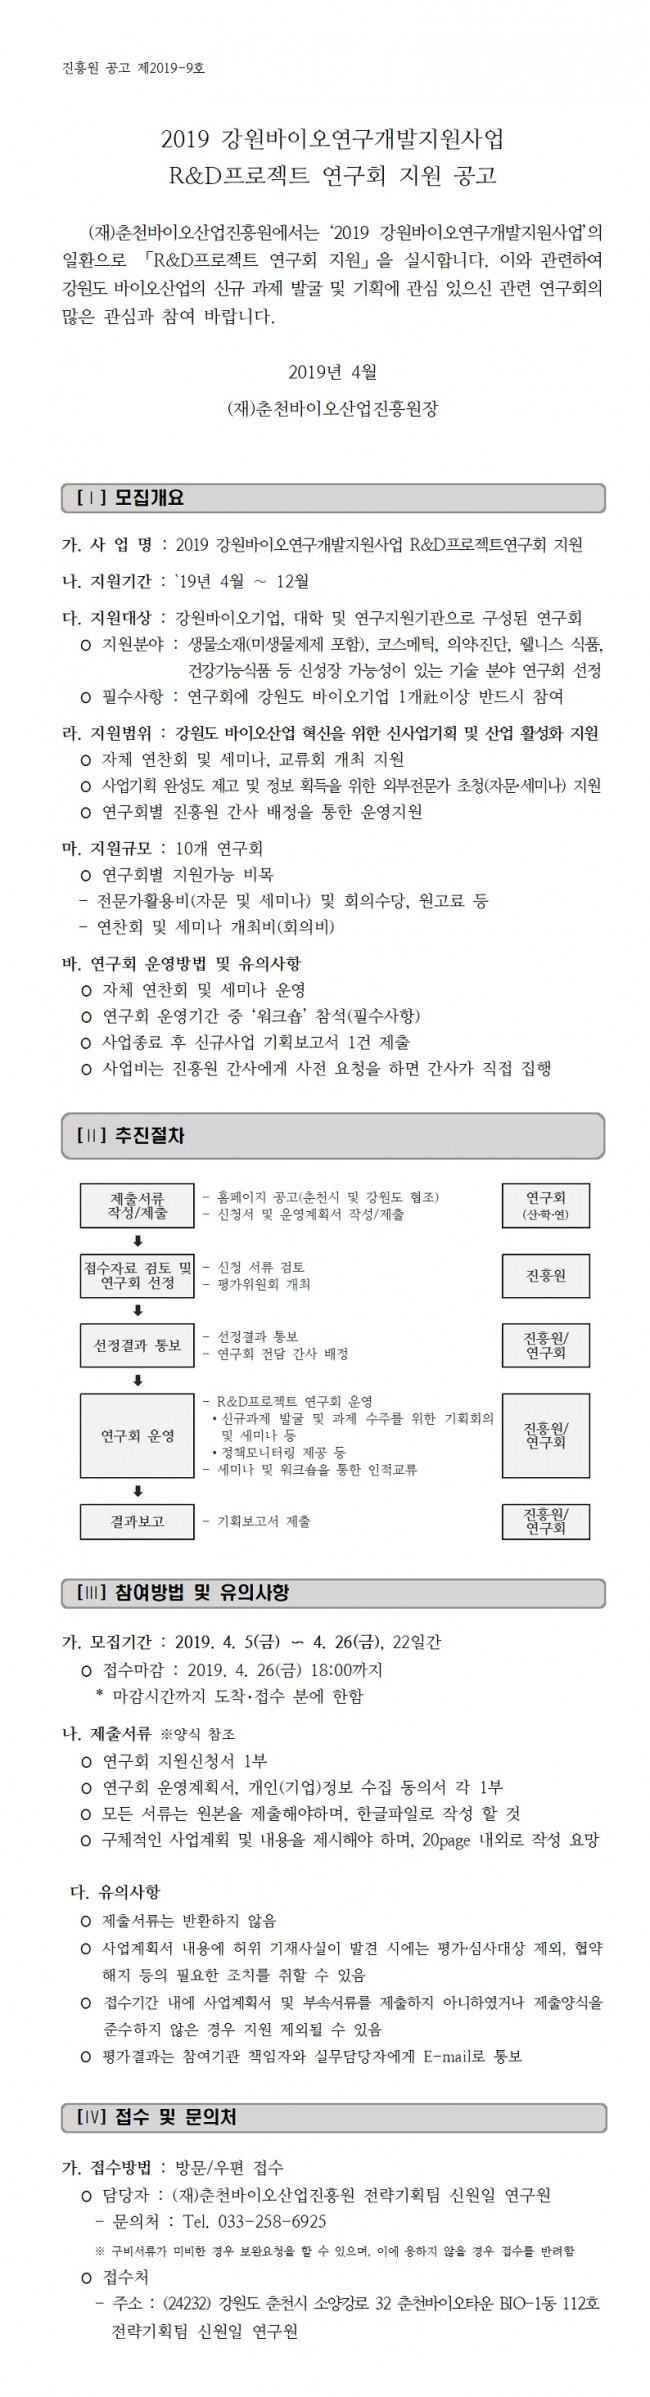 2019 강원바이오연구개발지원사업 R&D프로젝트연구회 지원 공고문_게시용001_수정.jpg